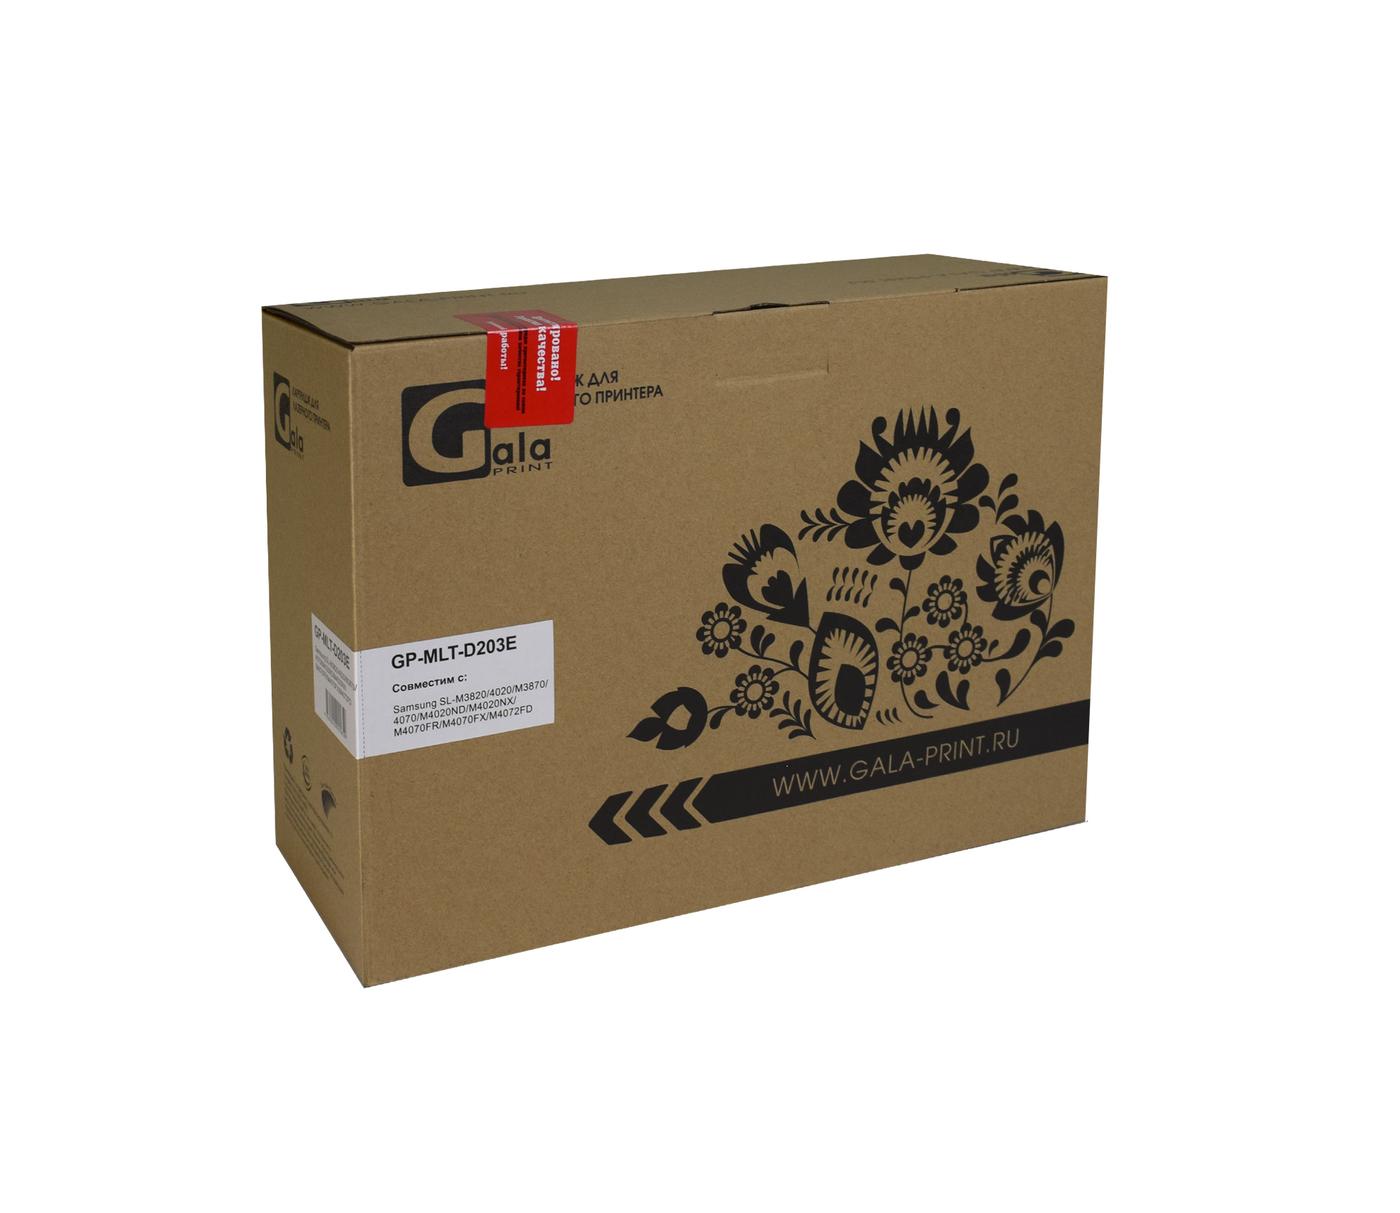 Картридж GalaPrint GP-MLT-D203E, черный, для лазерного принтера, совместимый